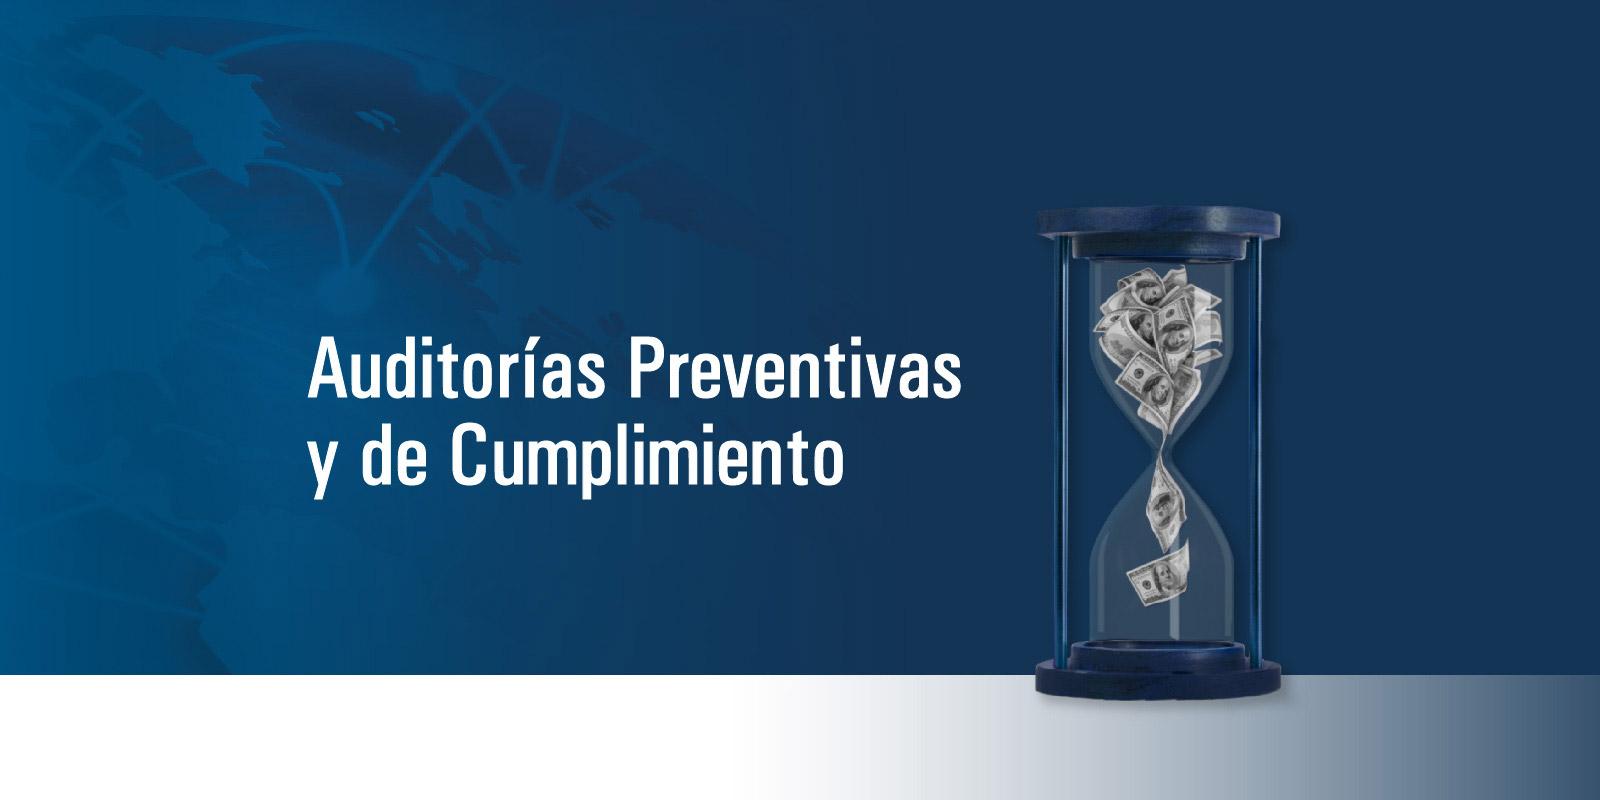 División de Auditoria Preventiva y de Cumplimiento